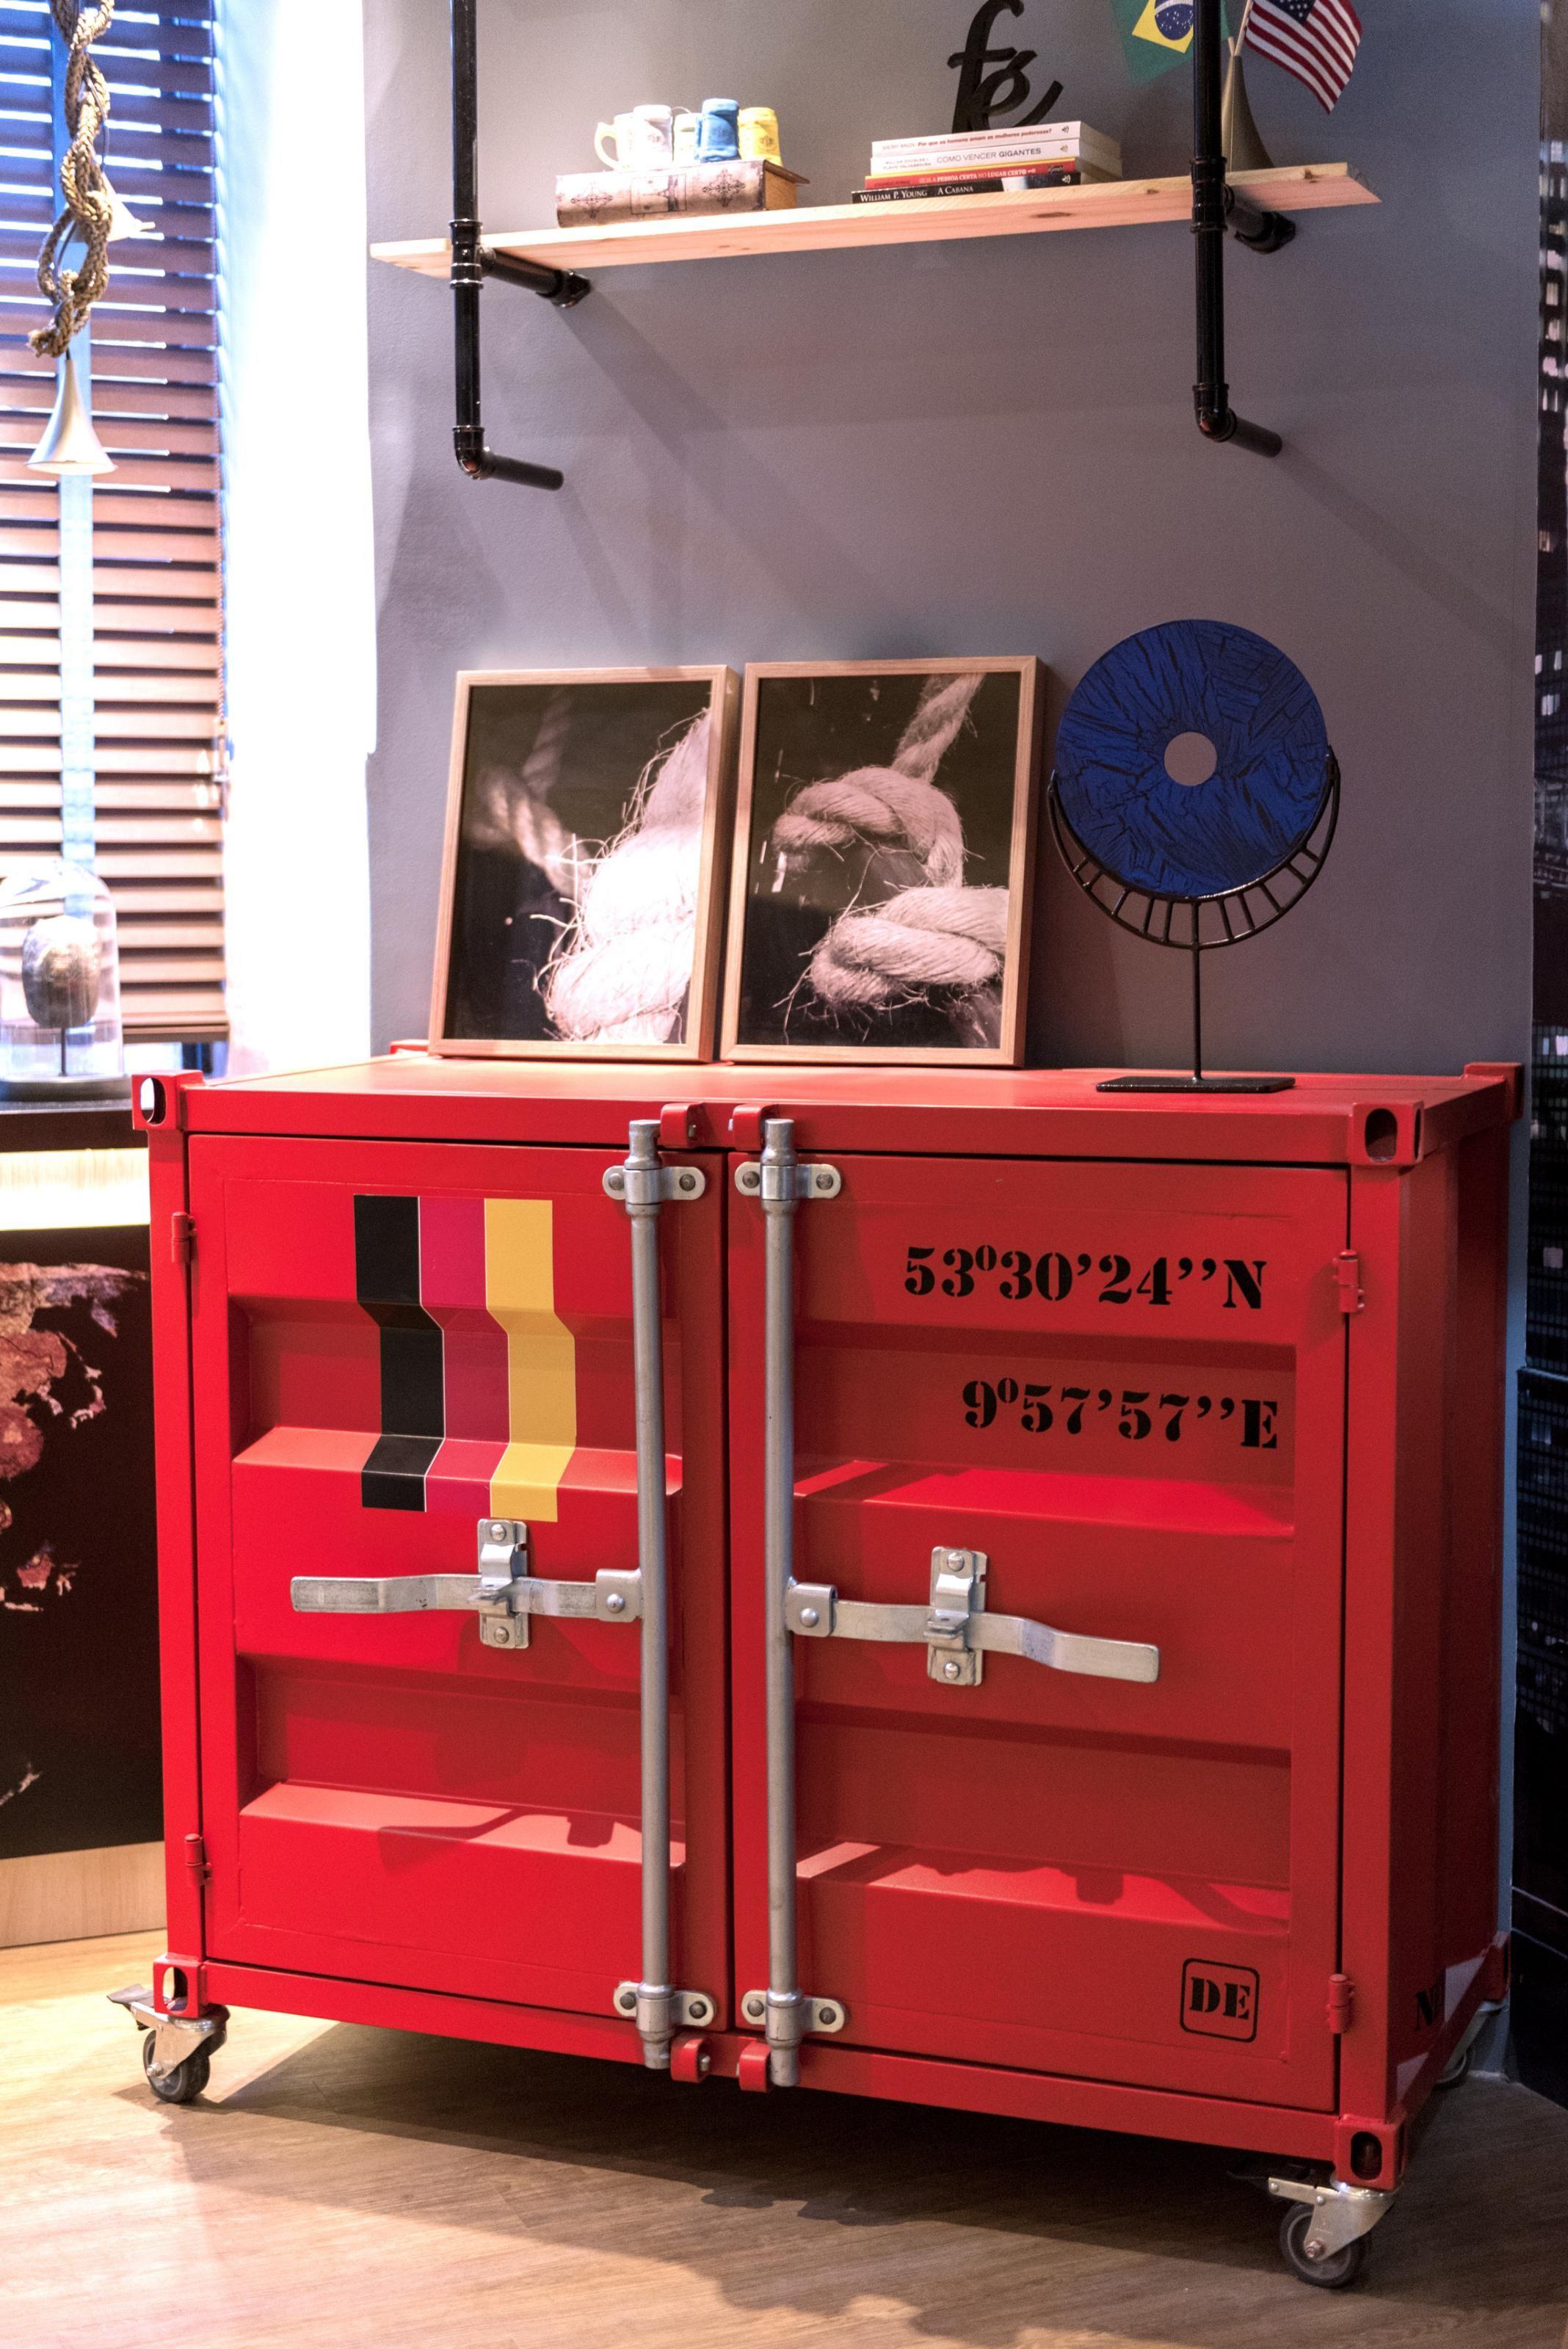 O Bierbox Foi Desenhado Para Atender A Um Amigo Cervejeiro Que Buscava Uma Peca Onde Fosse Possivel A Moveis De Garagem Moveis Simples Moveis Estilo Industrial